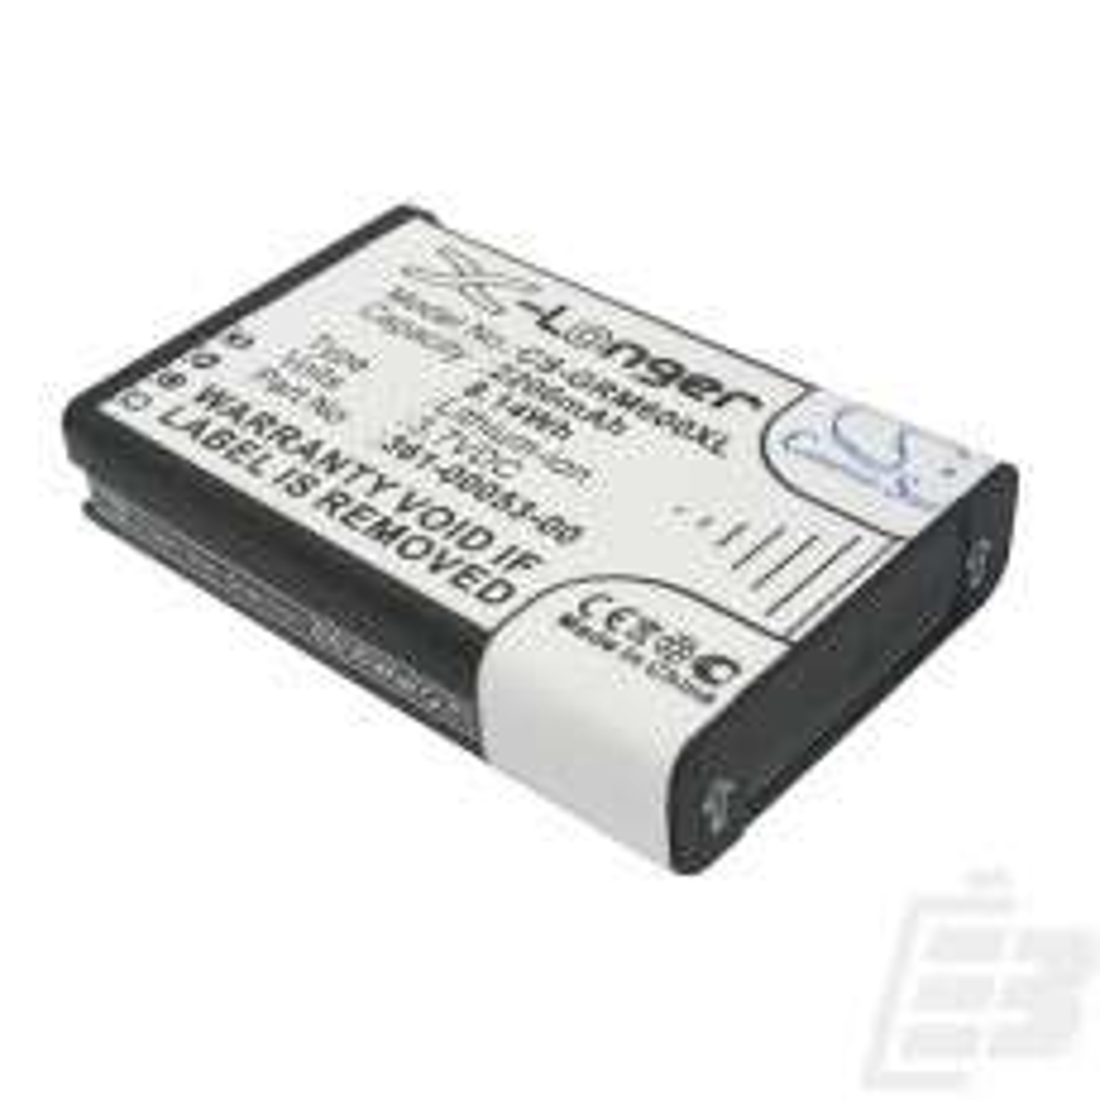 Μπαταρία GPS Garmin Montana 600_1